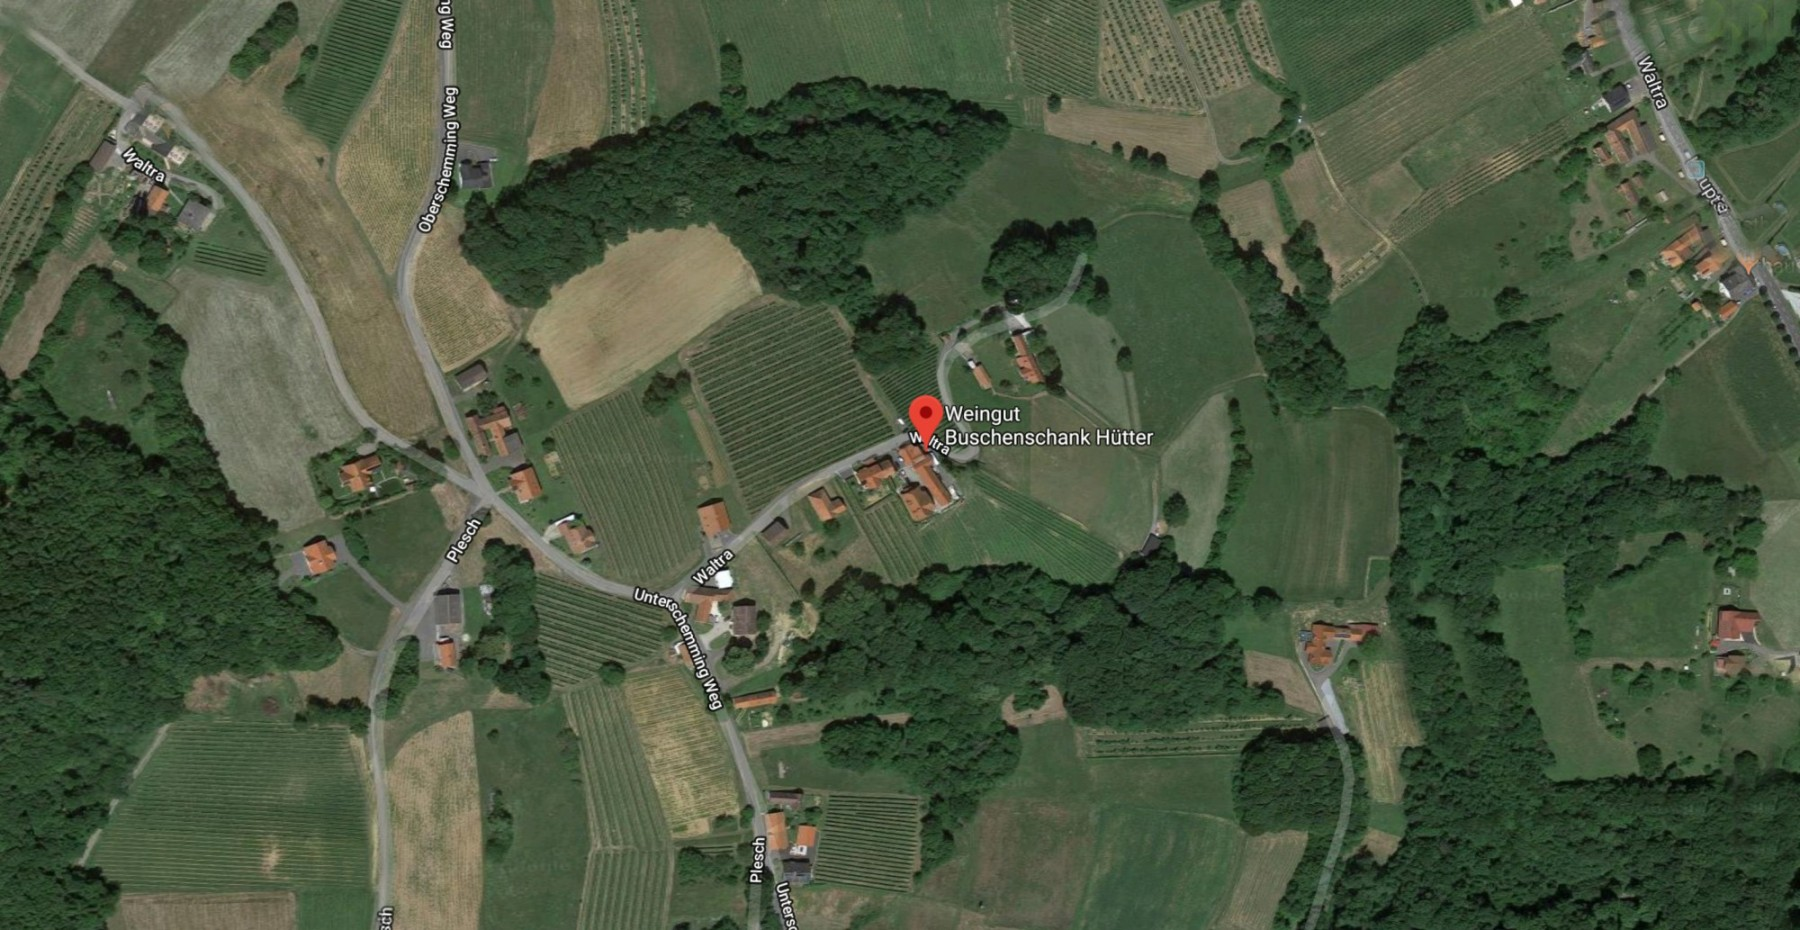 Route zum Buschenschank und Weingut Hütter